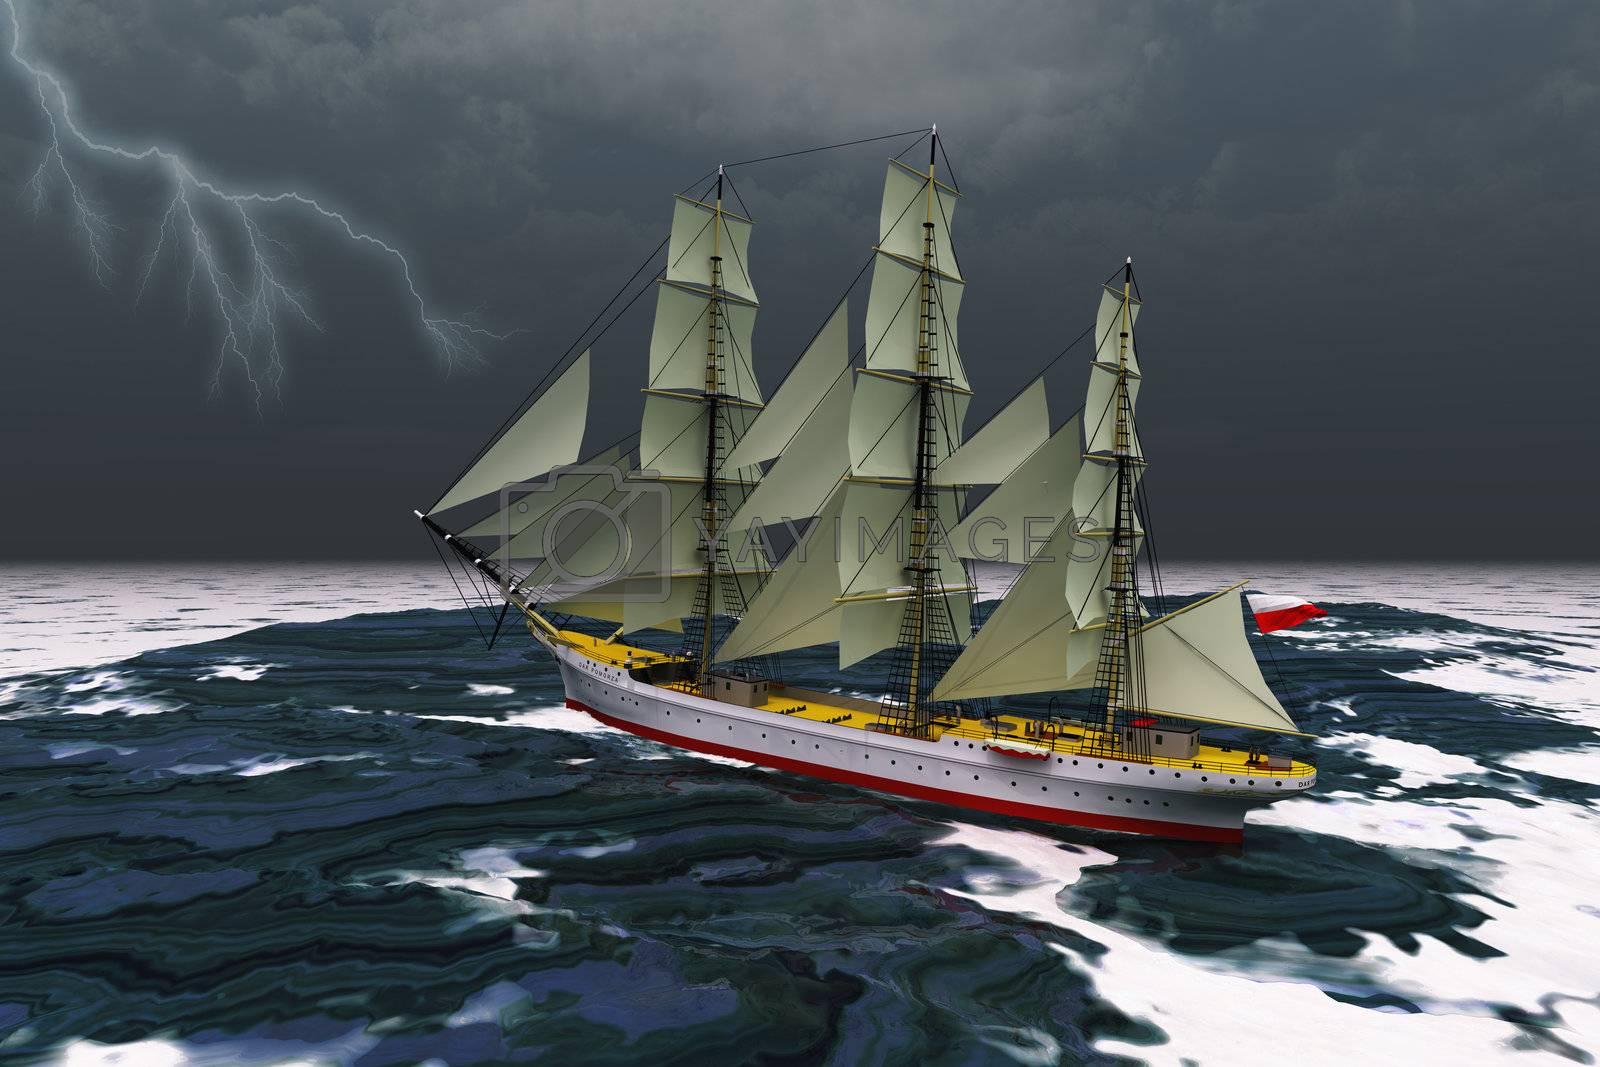 A tall ship glides through rough seas during a thunderstorm.